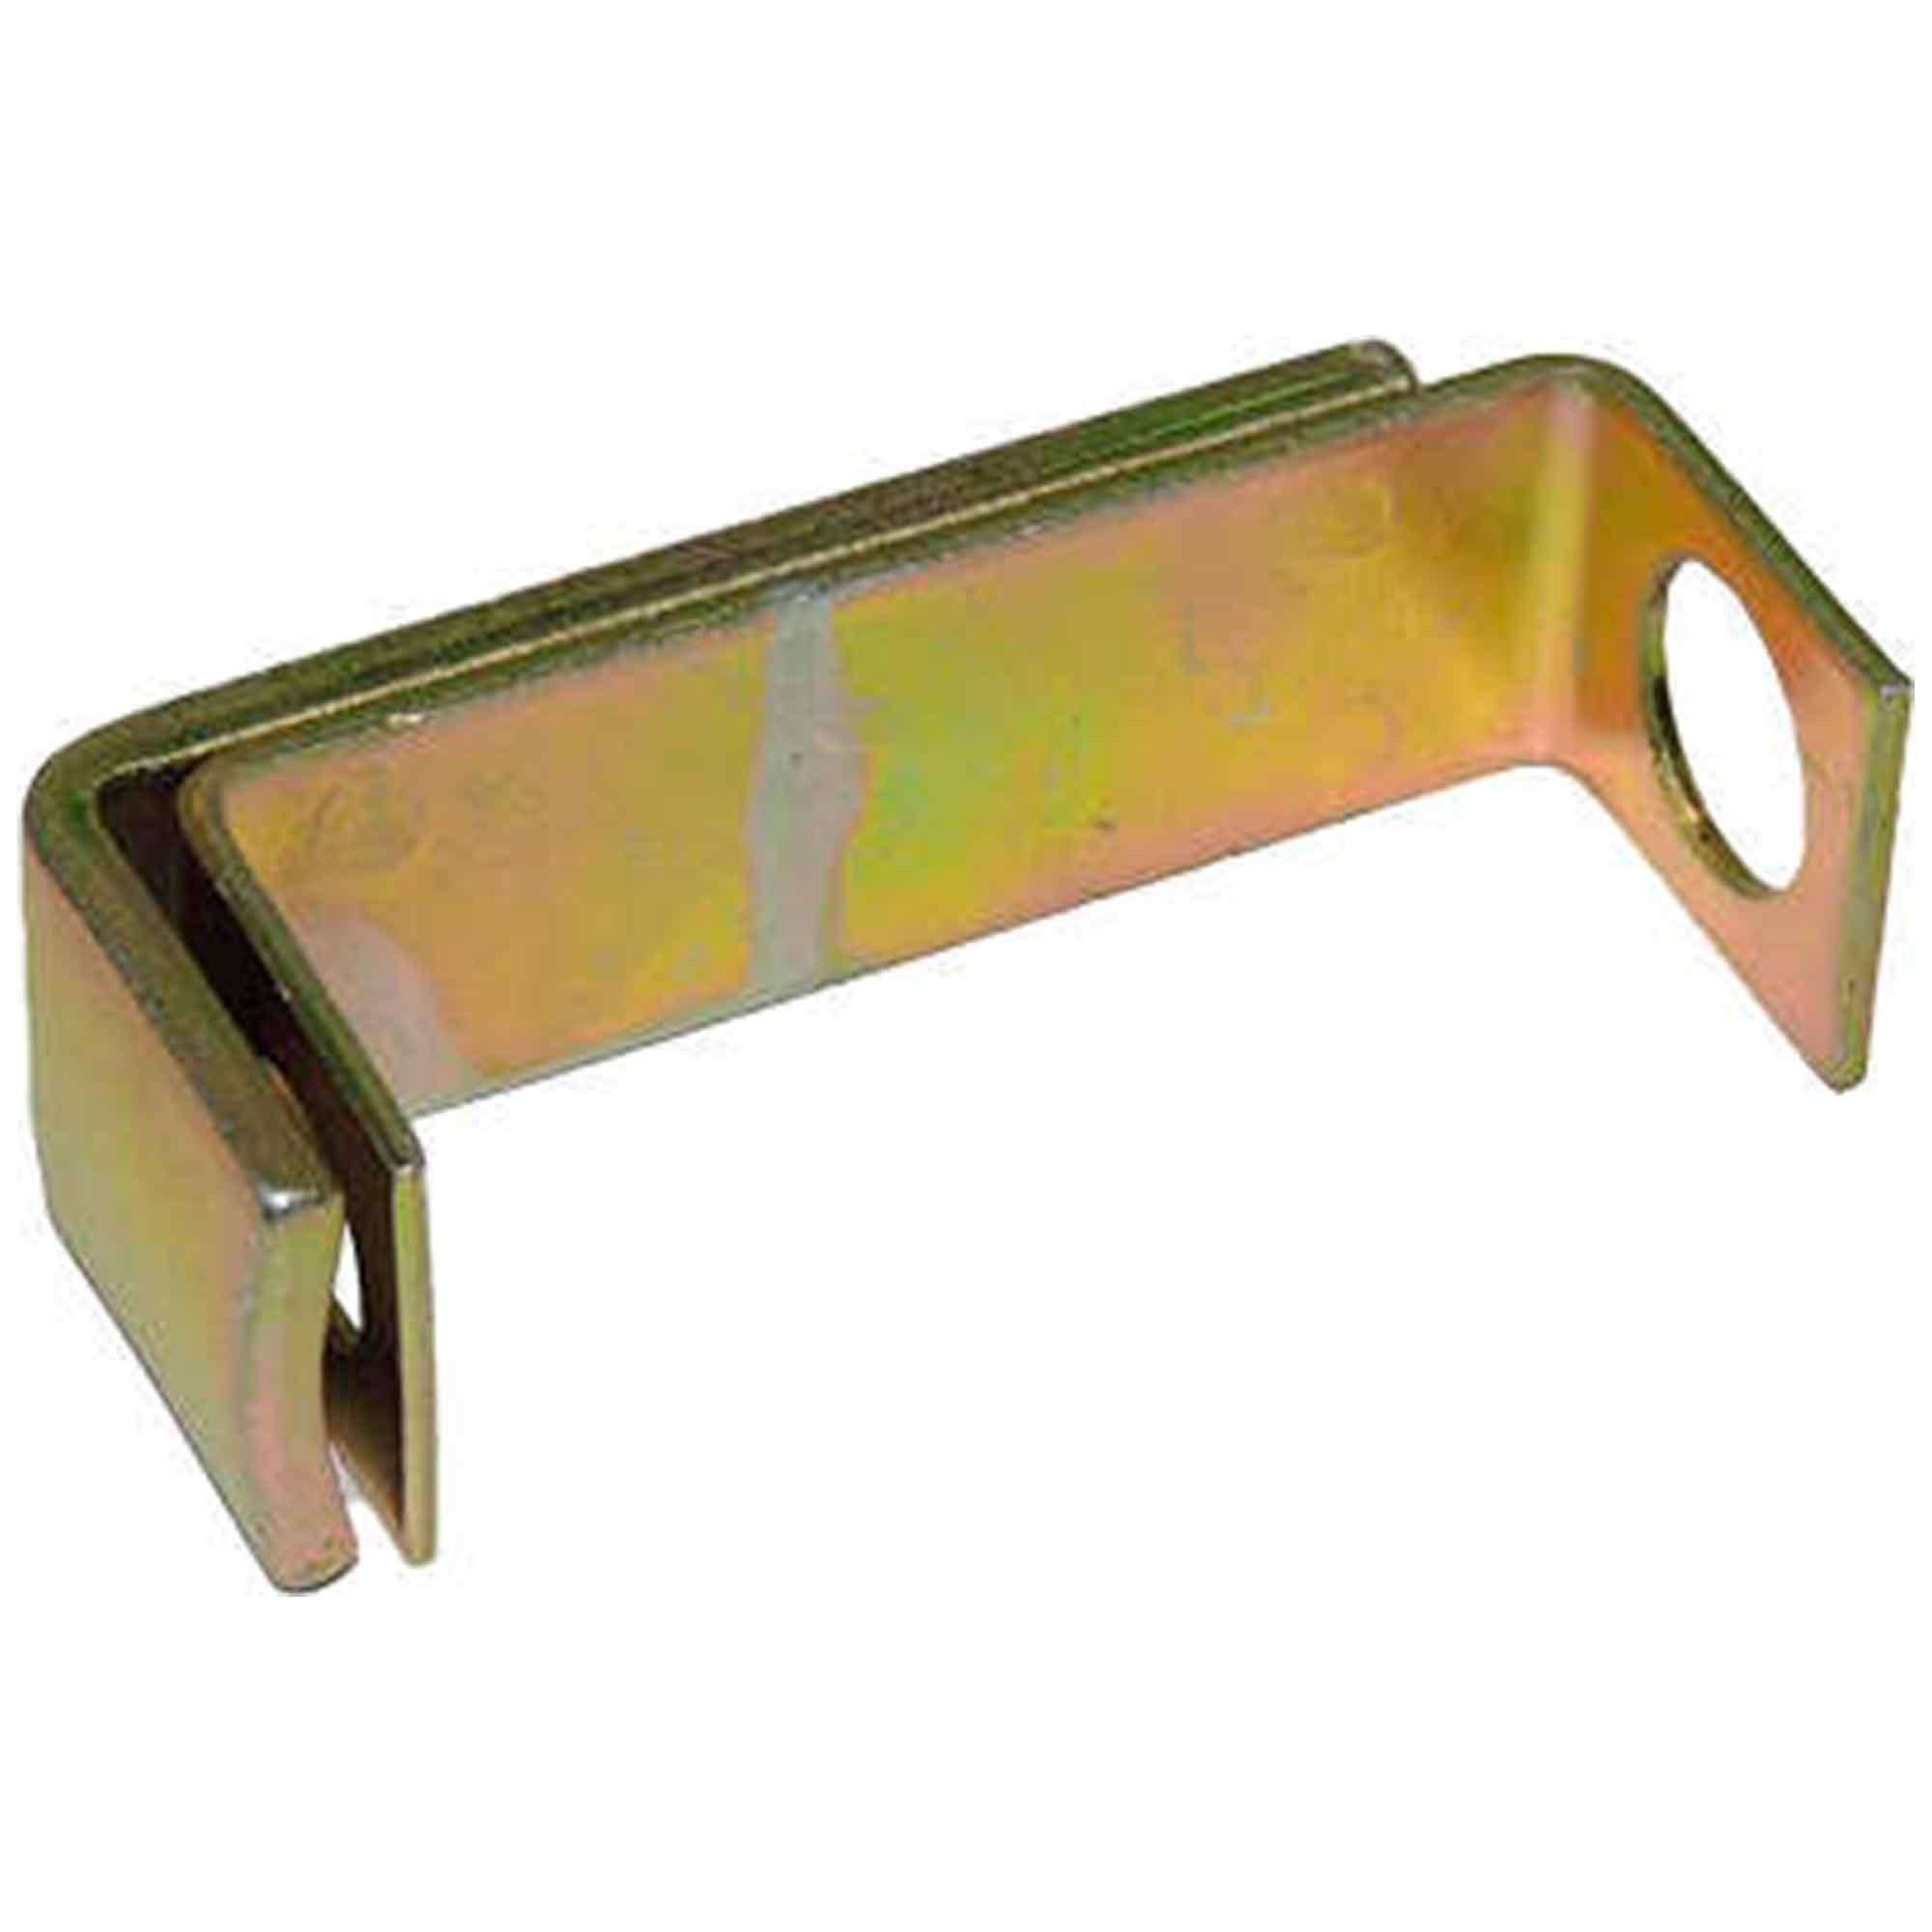 SUK451 - Suporte regulador da barra de torção